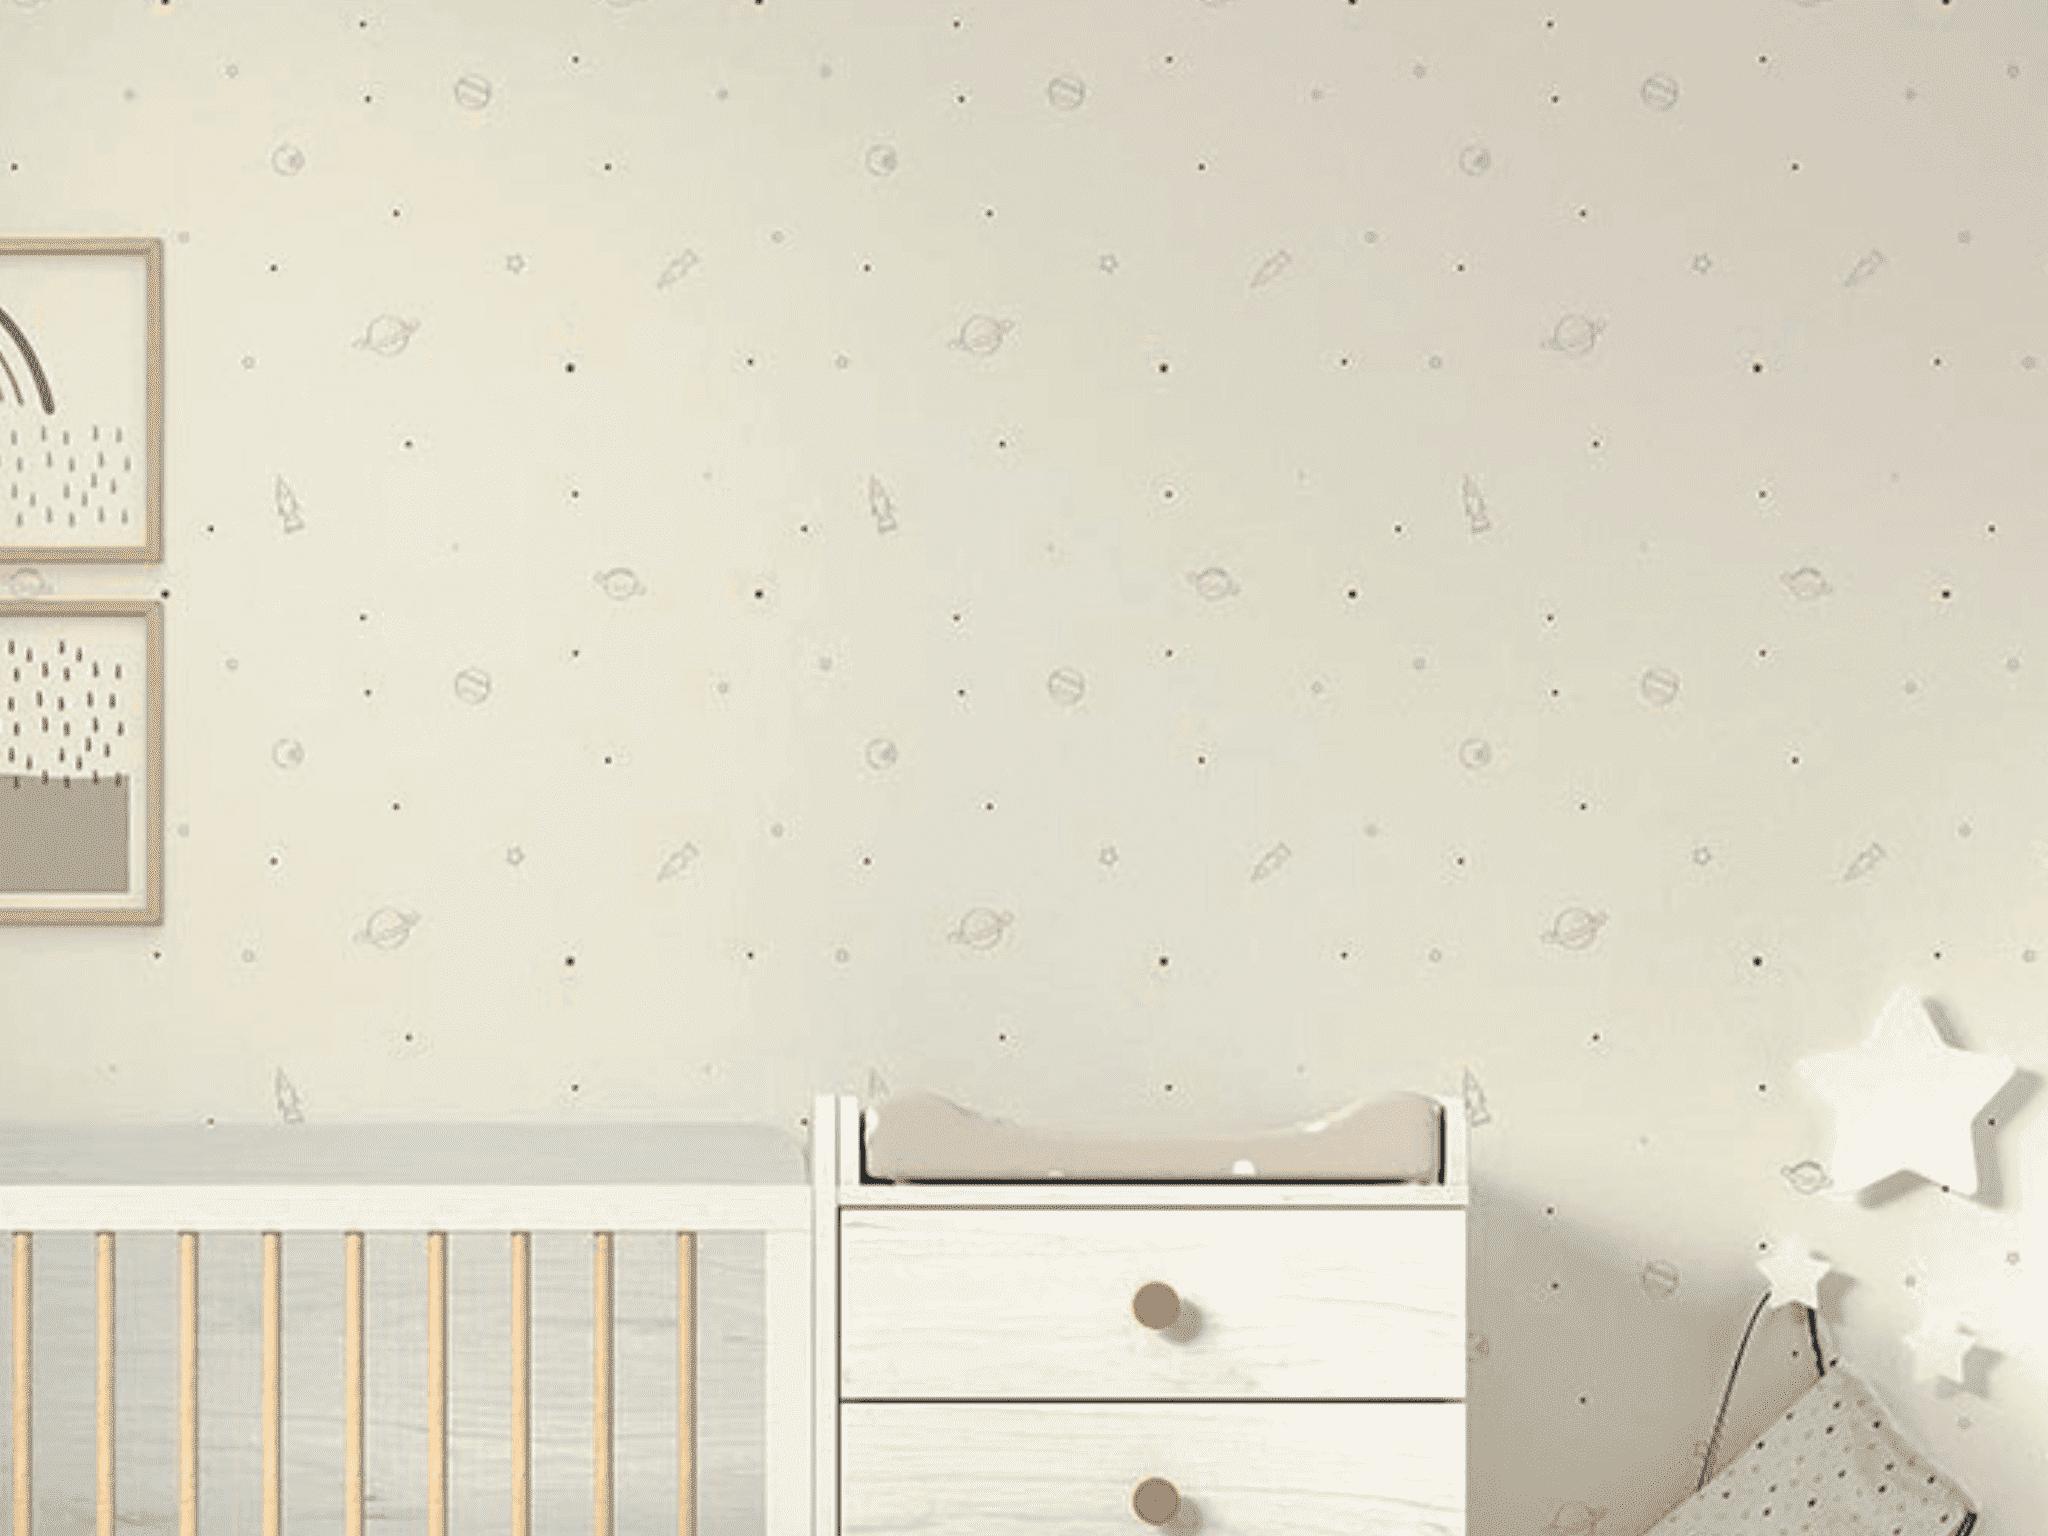 Papel pintado decorativo ESPACIO fondo blanco